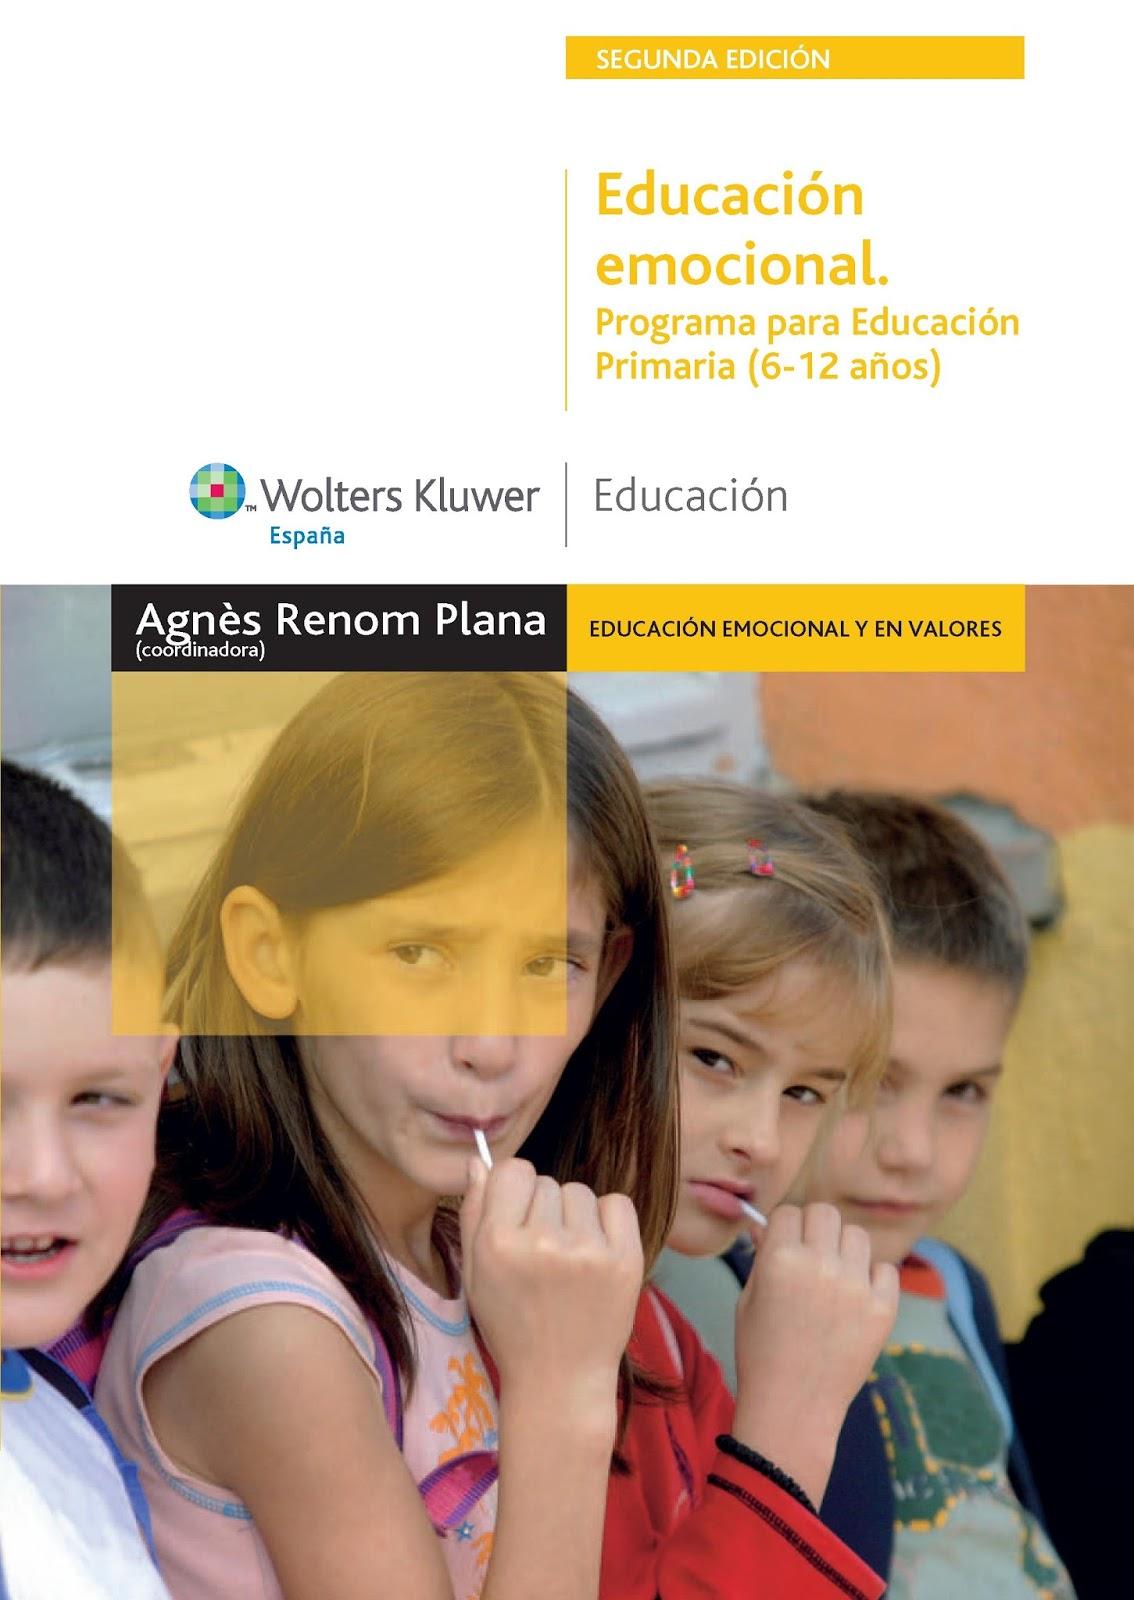 Educación emocional – Agnés Renon Plana